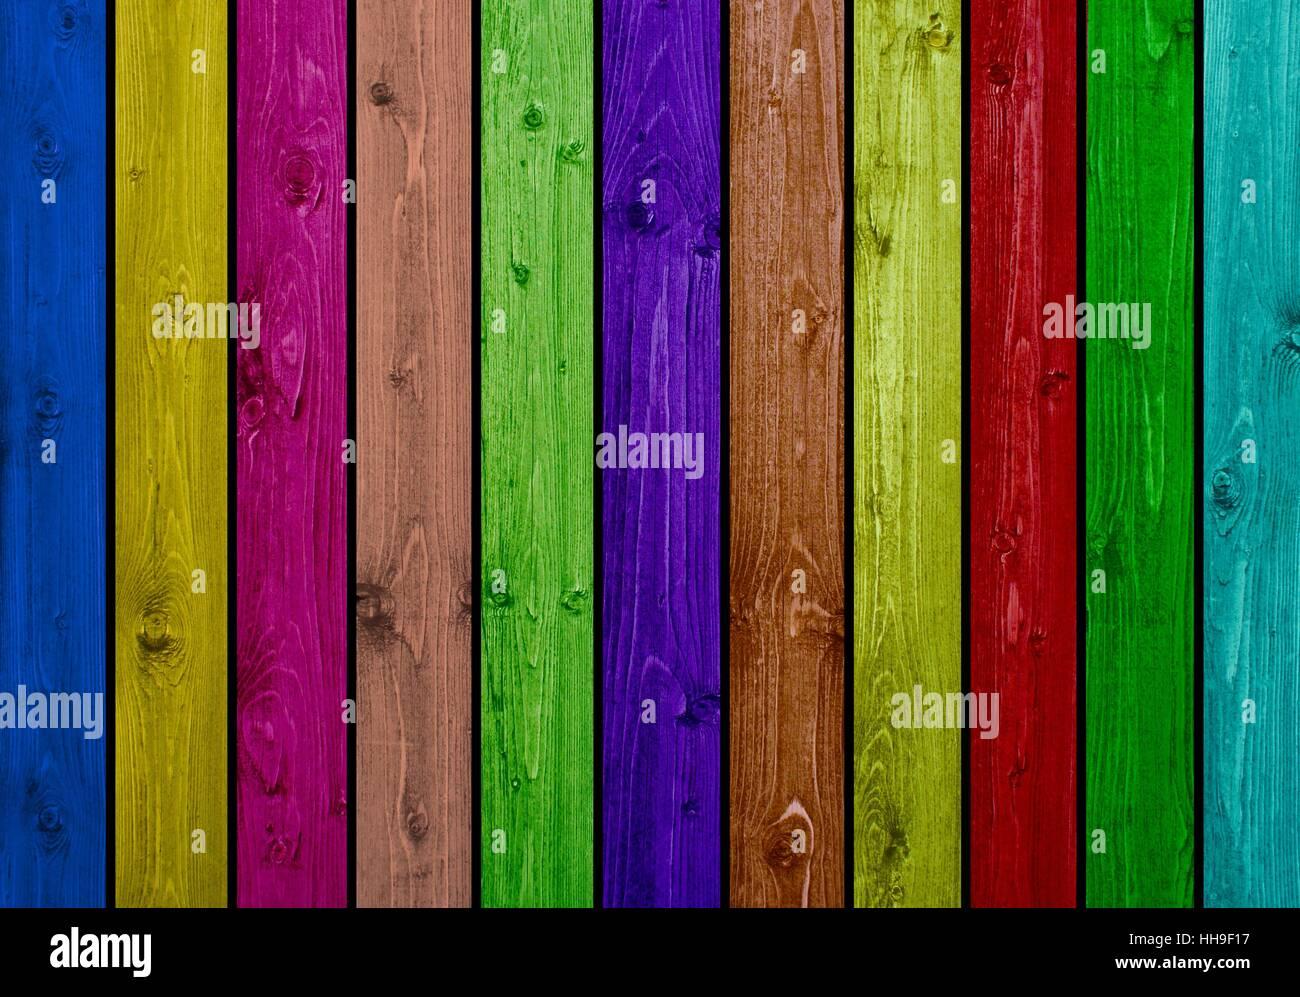 Bois Couleur Toile Bois Colores Mur Planches En Bois